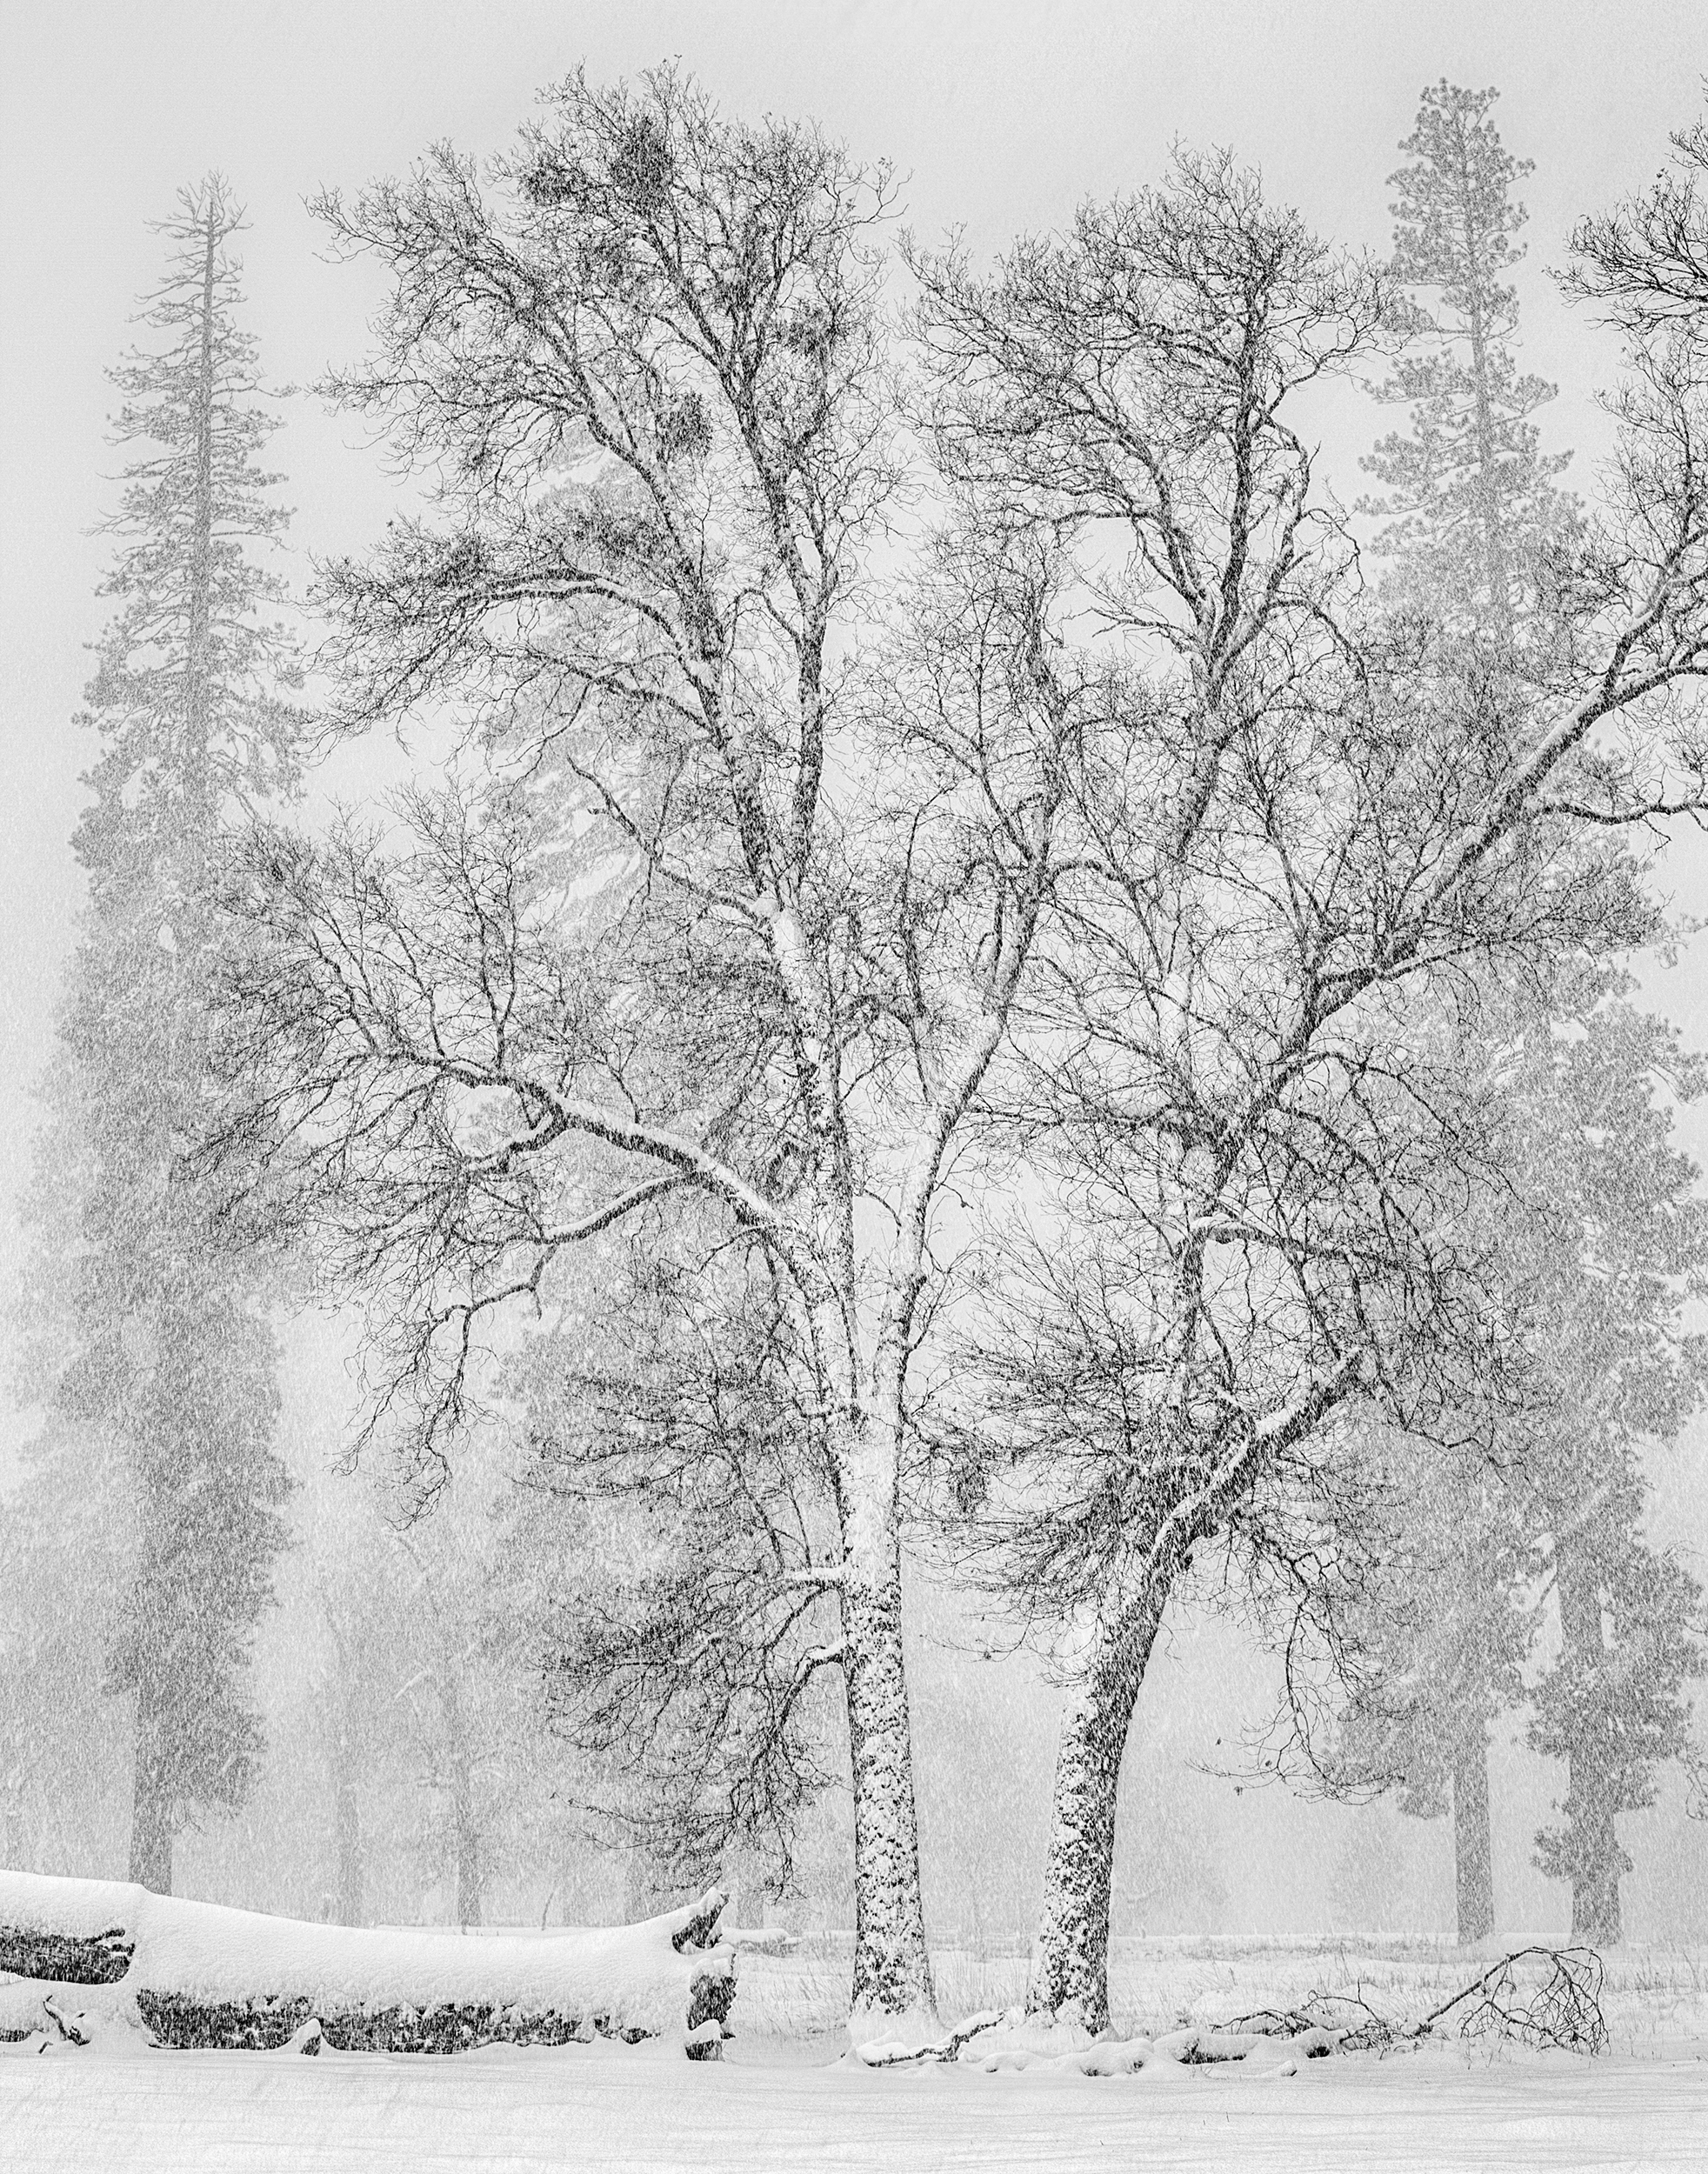 El Capitan Meadow Oaks in Snow (1823-28)